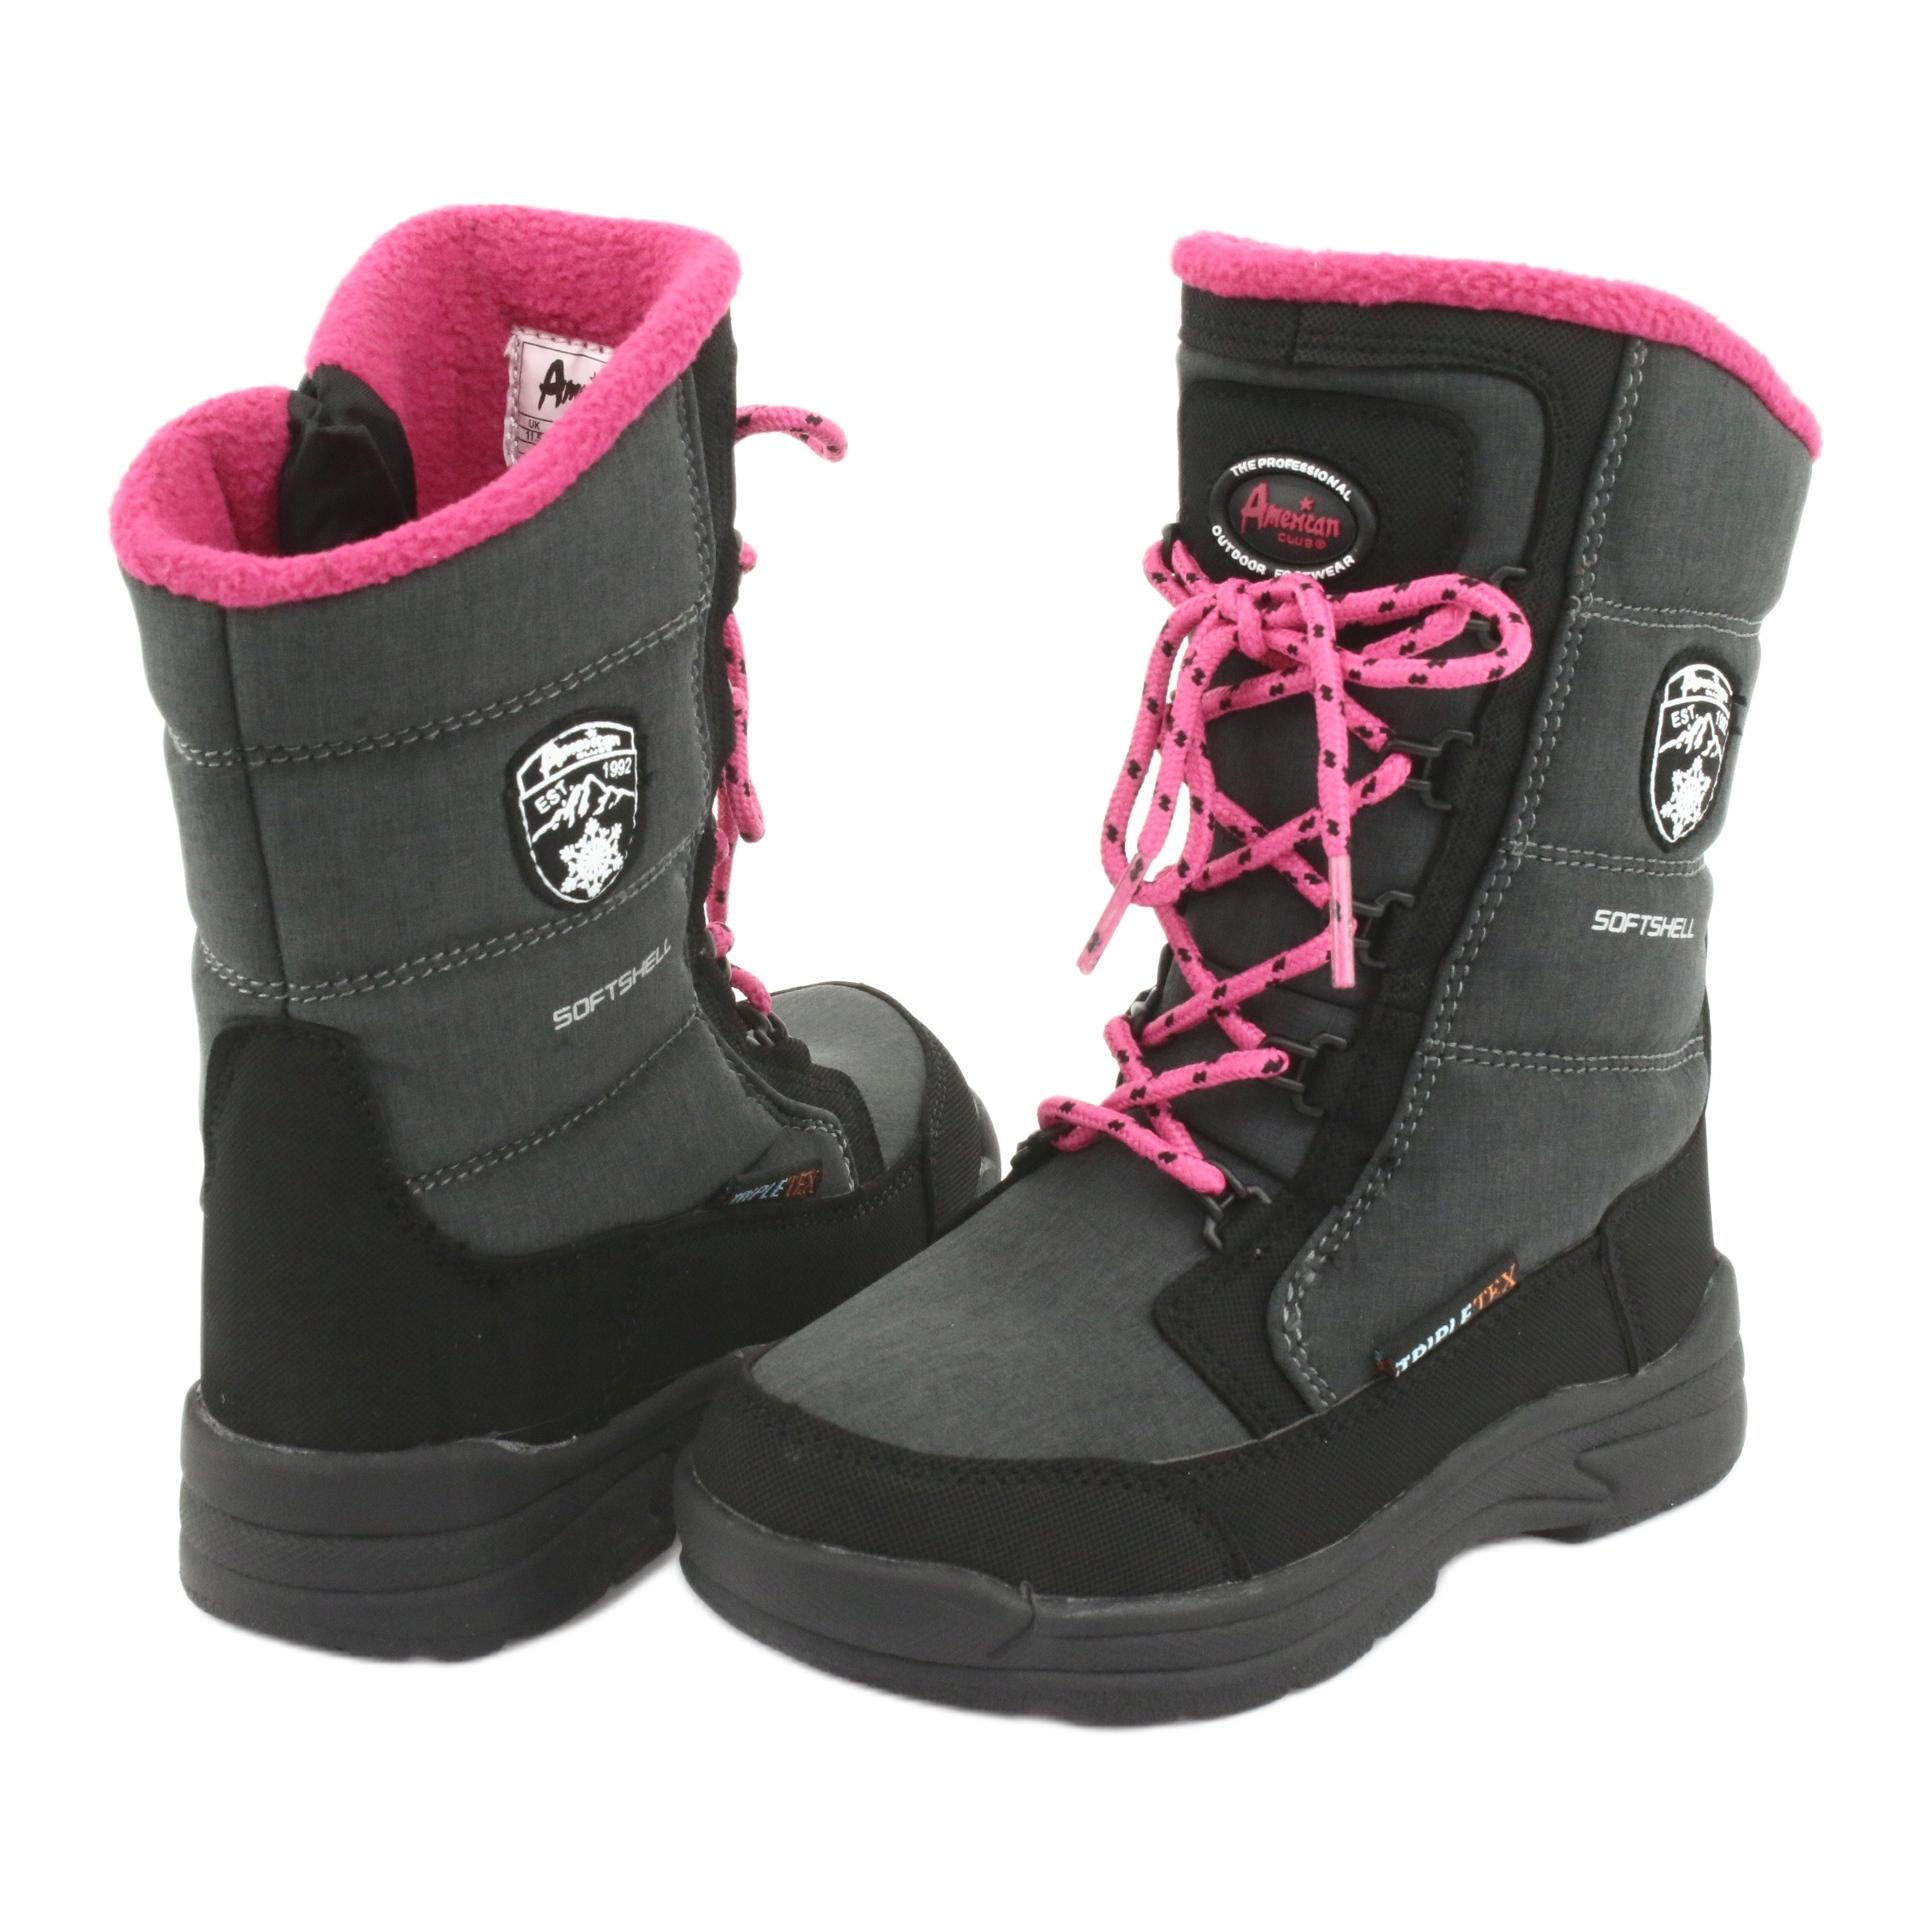 miniatura 5 - Stivali da neve con membrana American club SN13 grigia nero rosa grigio